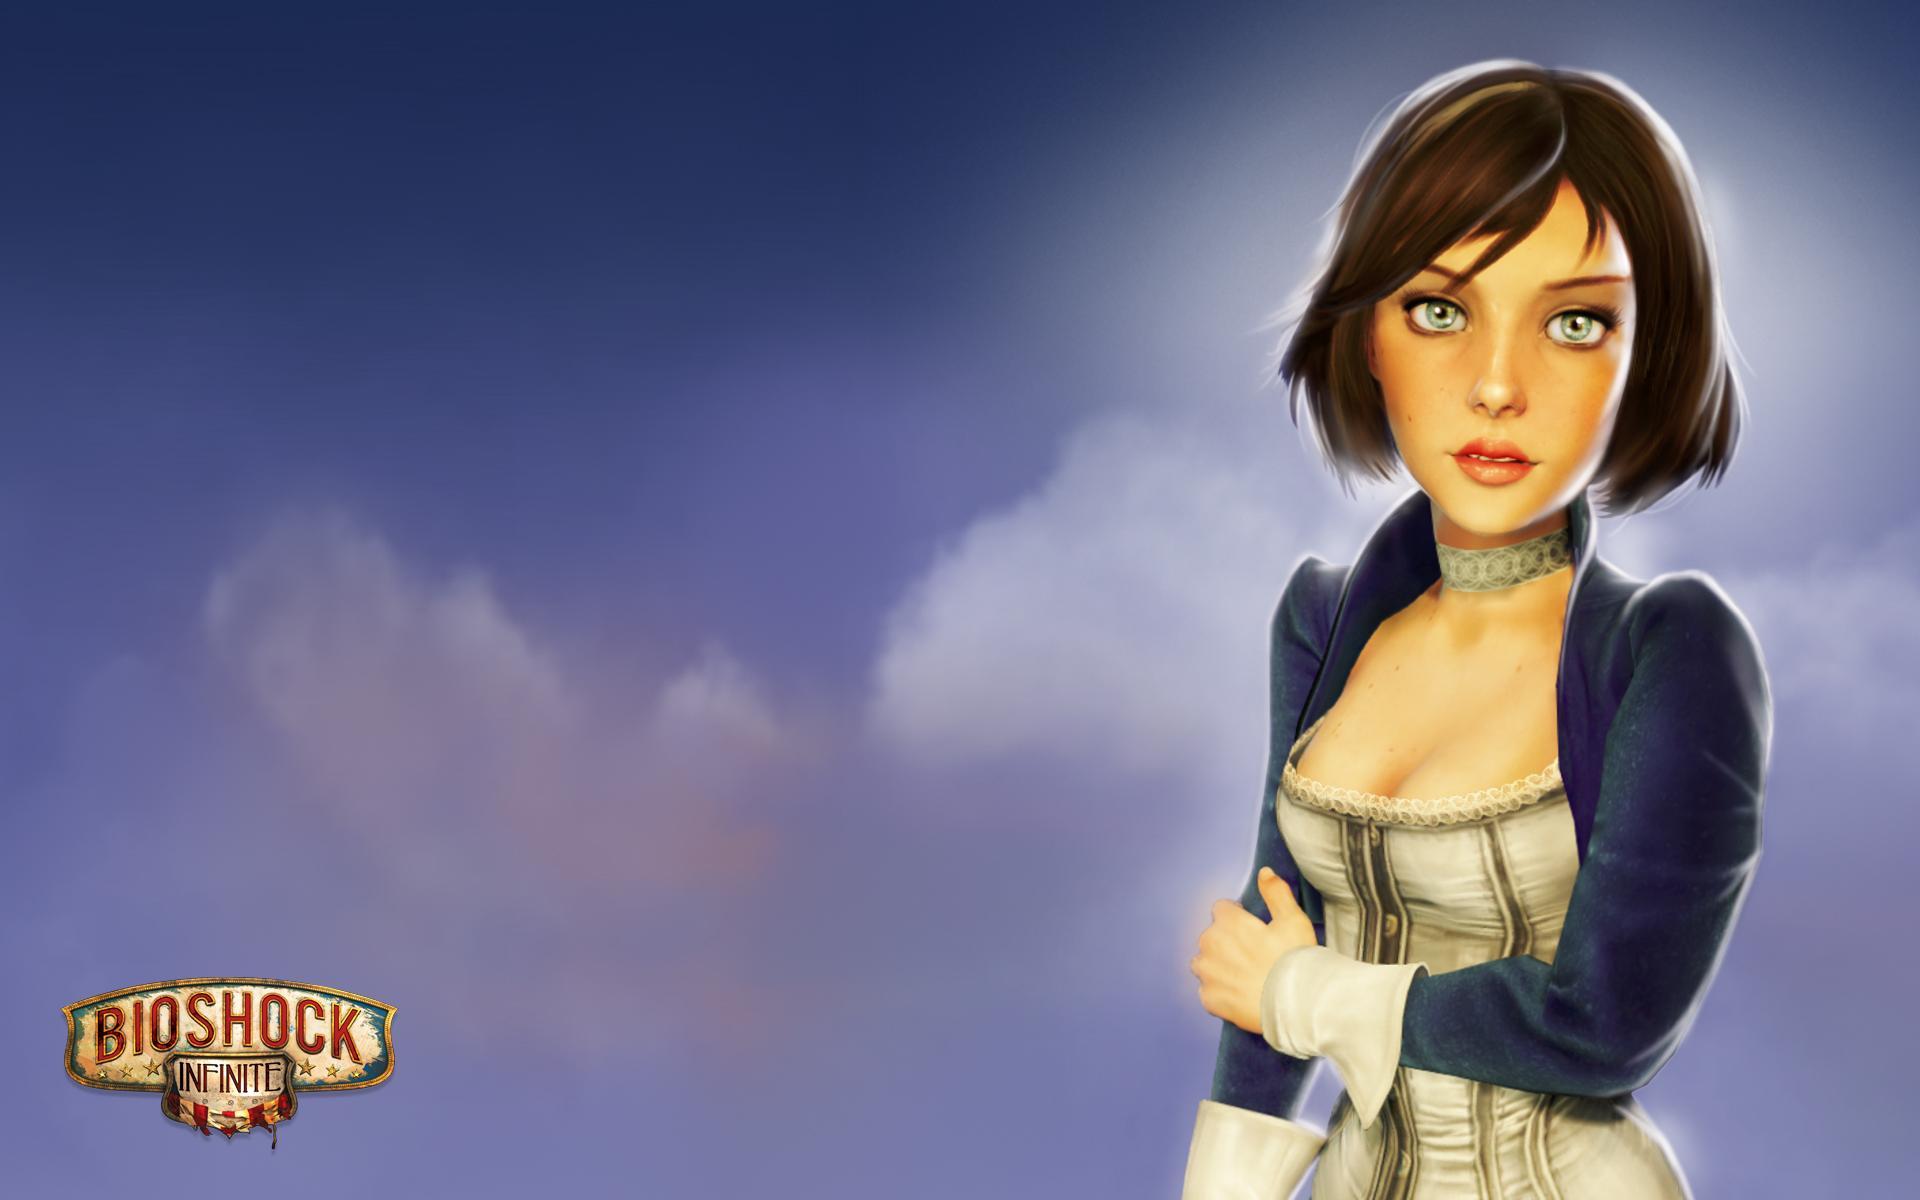 une madam qui fait peut-être un peu steam punk... [noony4] Bioshock-infinite-elizabeth-mise-avant-video-L-kfTfHw